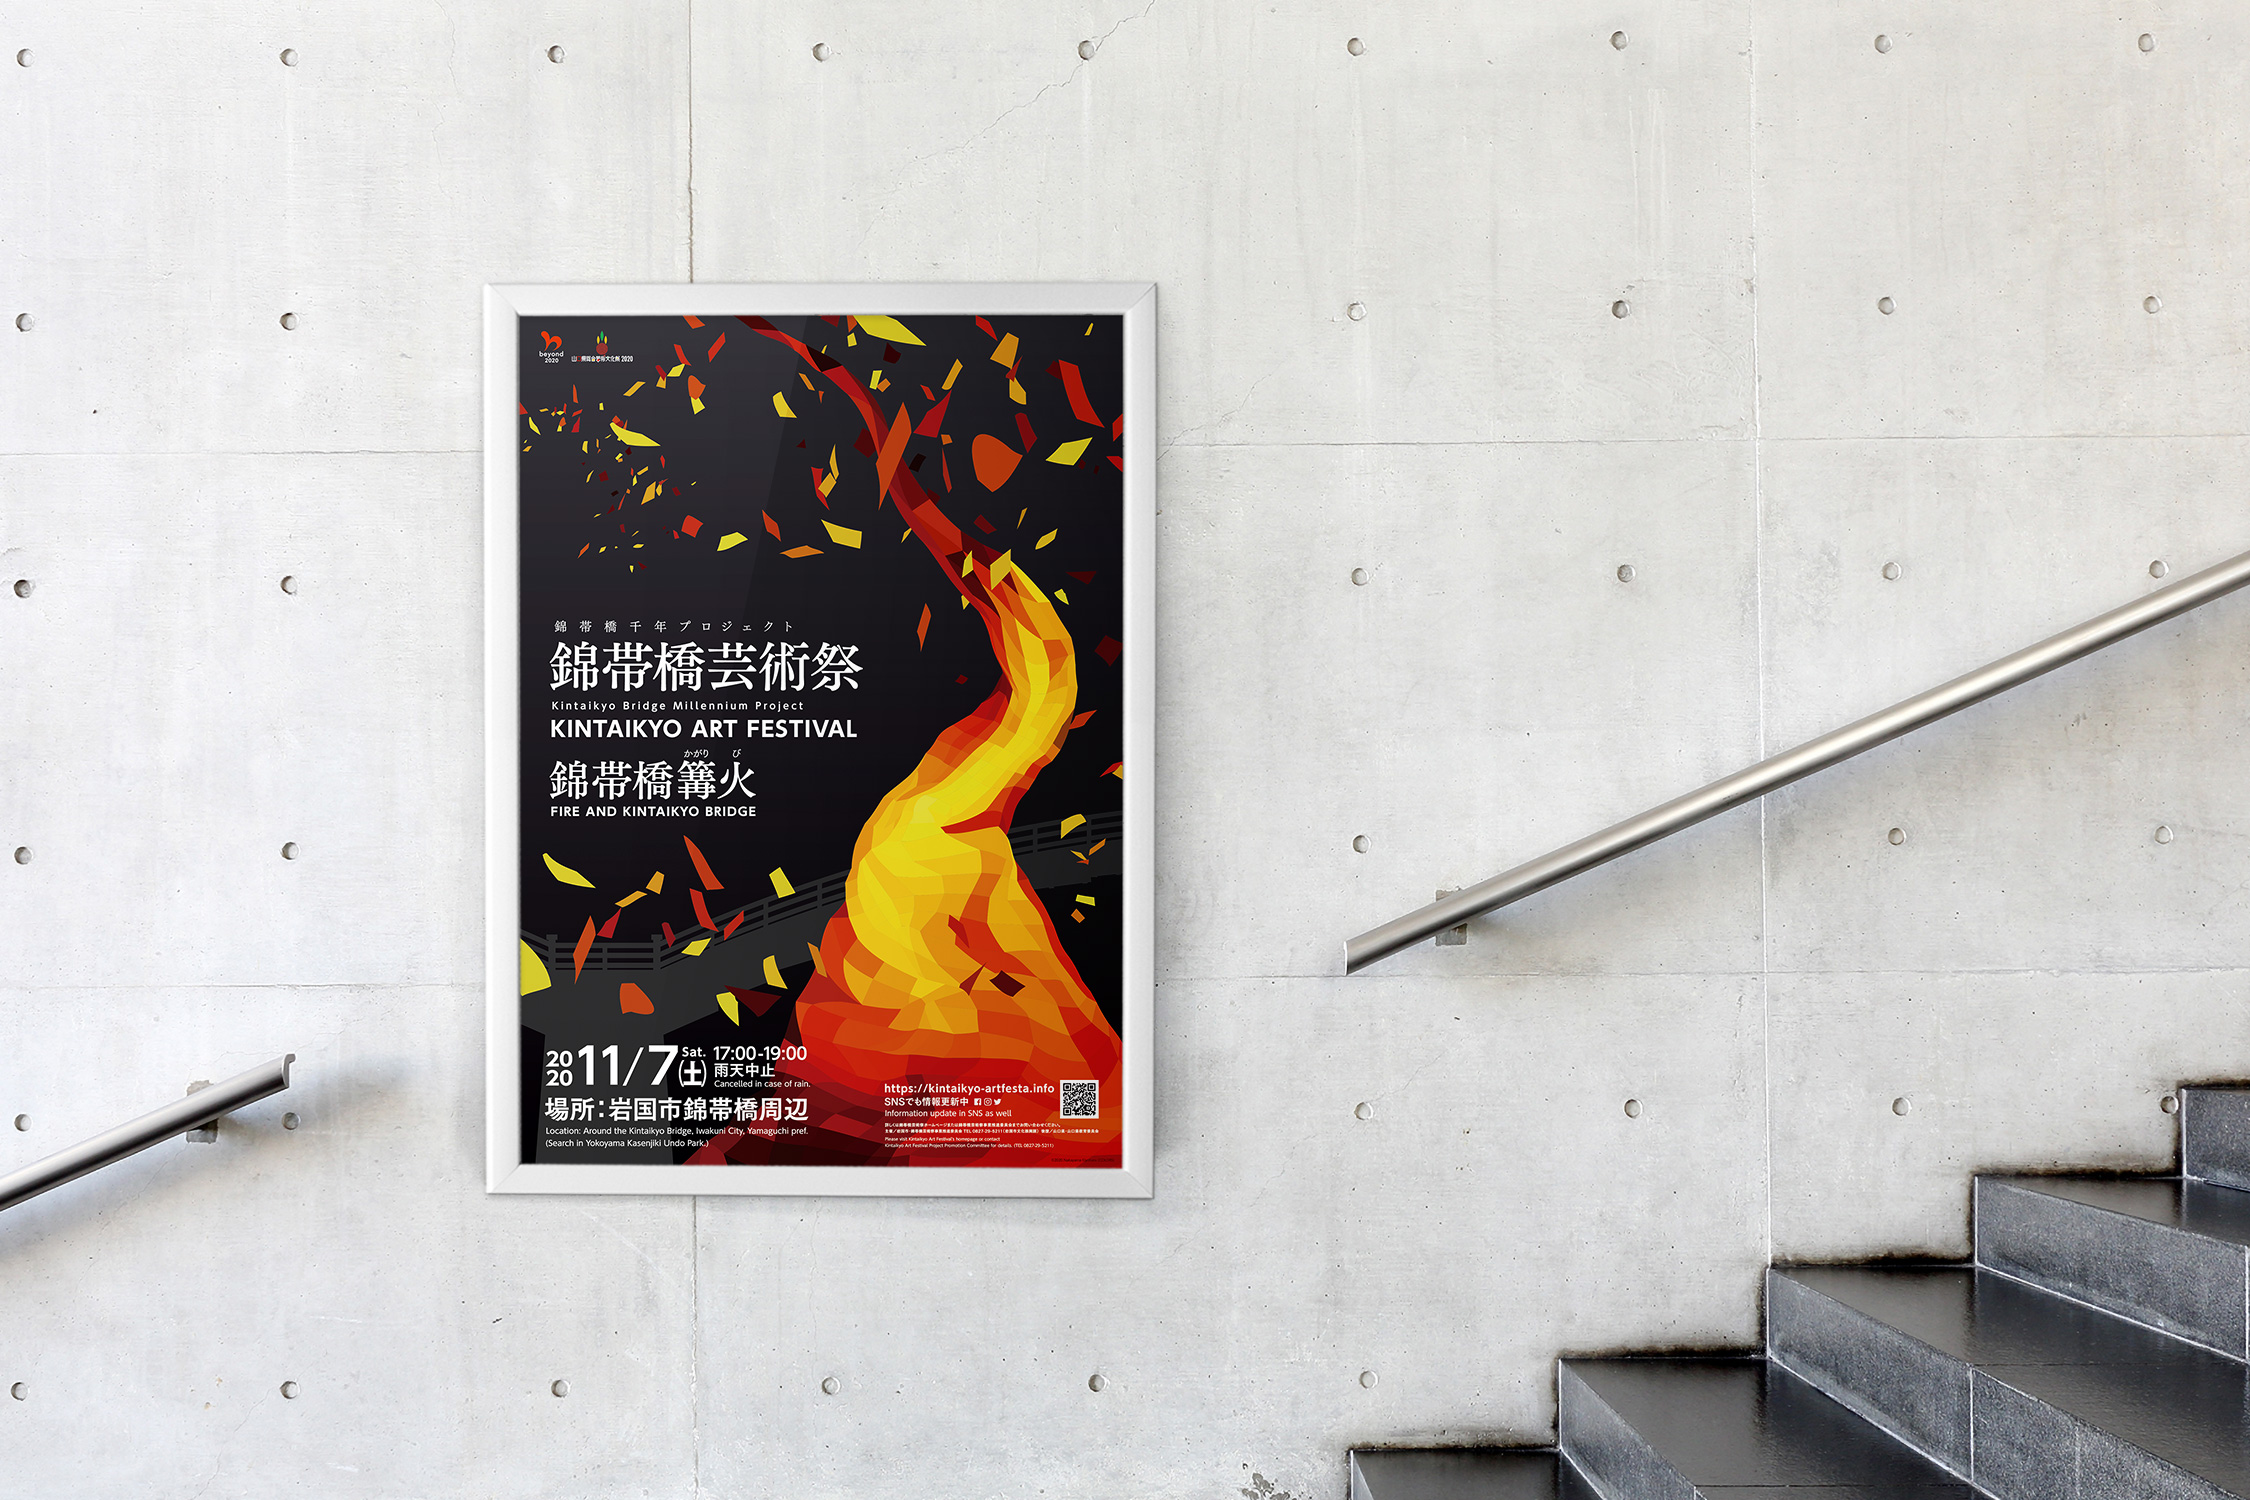 ポスター 錦帯橋芸術祭2020